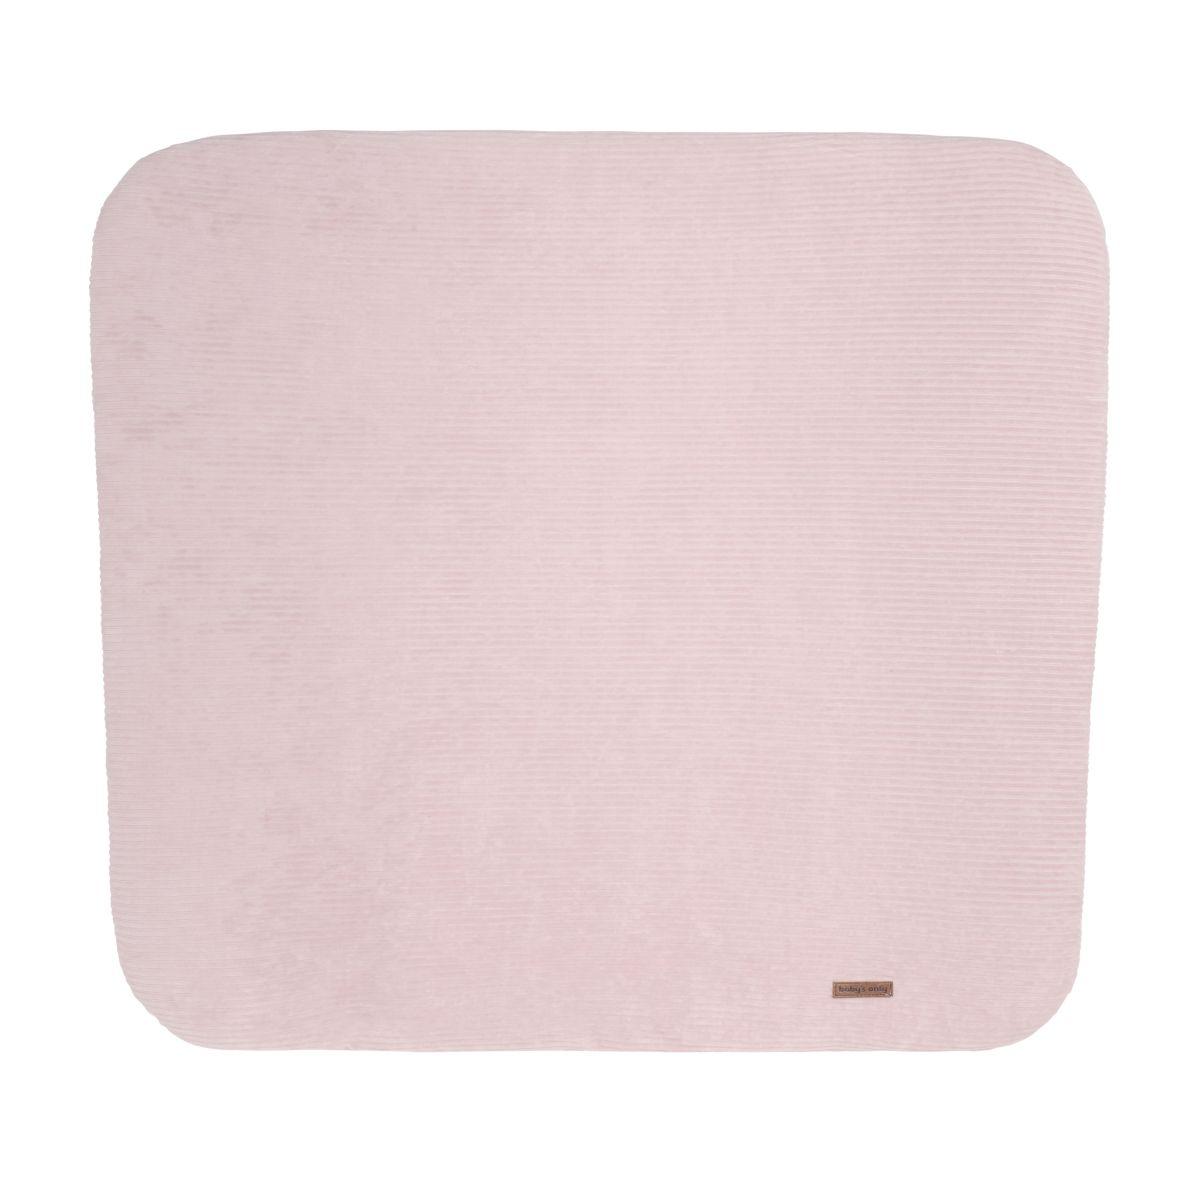 babys only 0247007 duitse aankleedkussenhoes sense oud roze